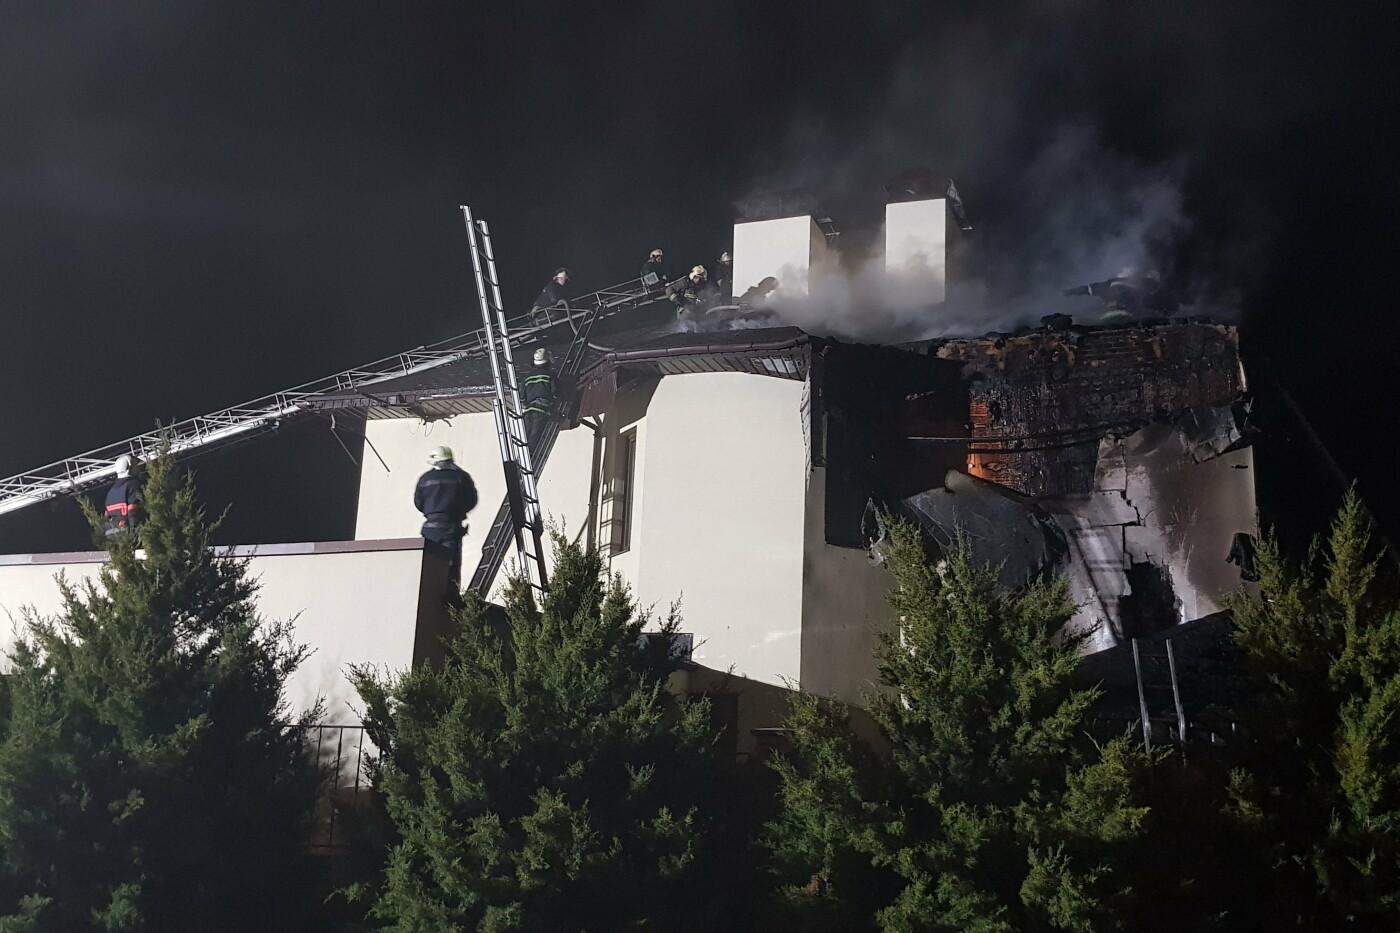 Под Харьковом случился масштабный пожар в двухэтажном коттедже: есть пострадавший, - ФОТО, ВИДЕО, фото-1